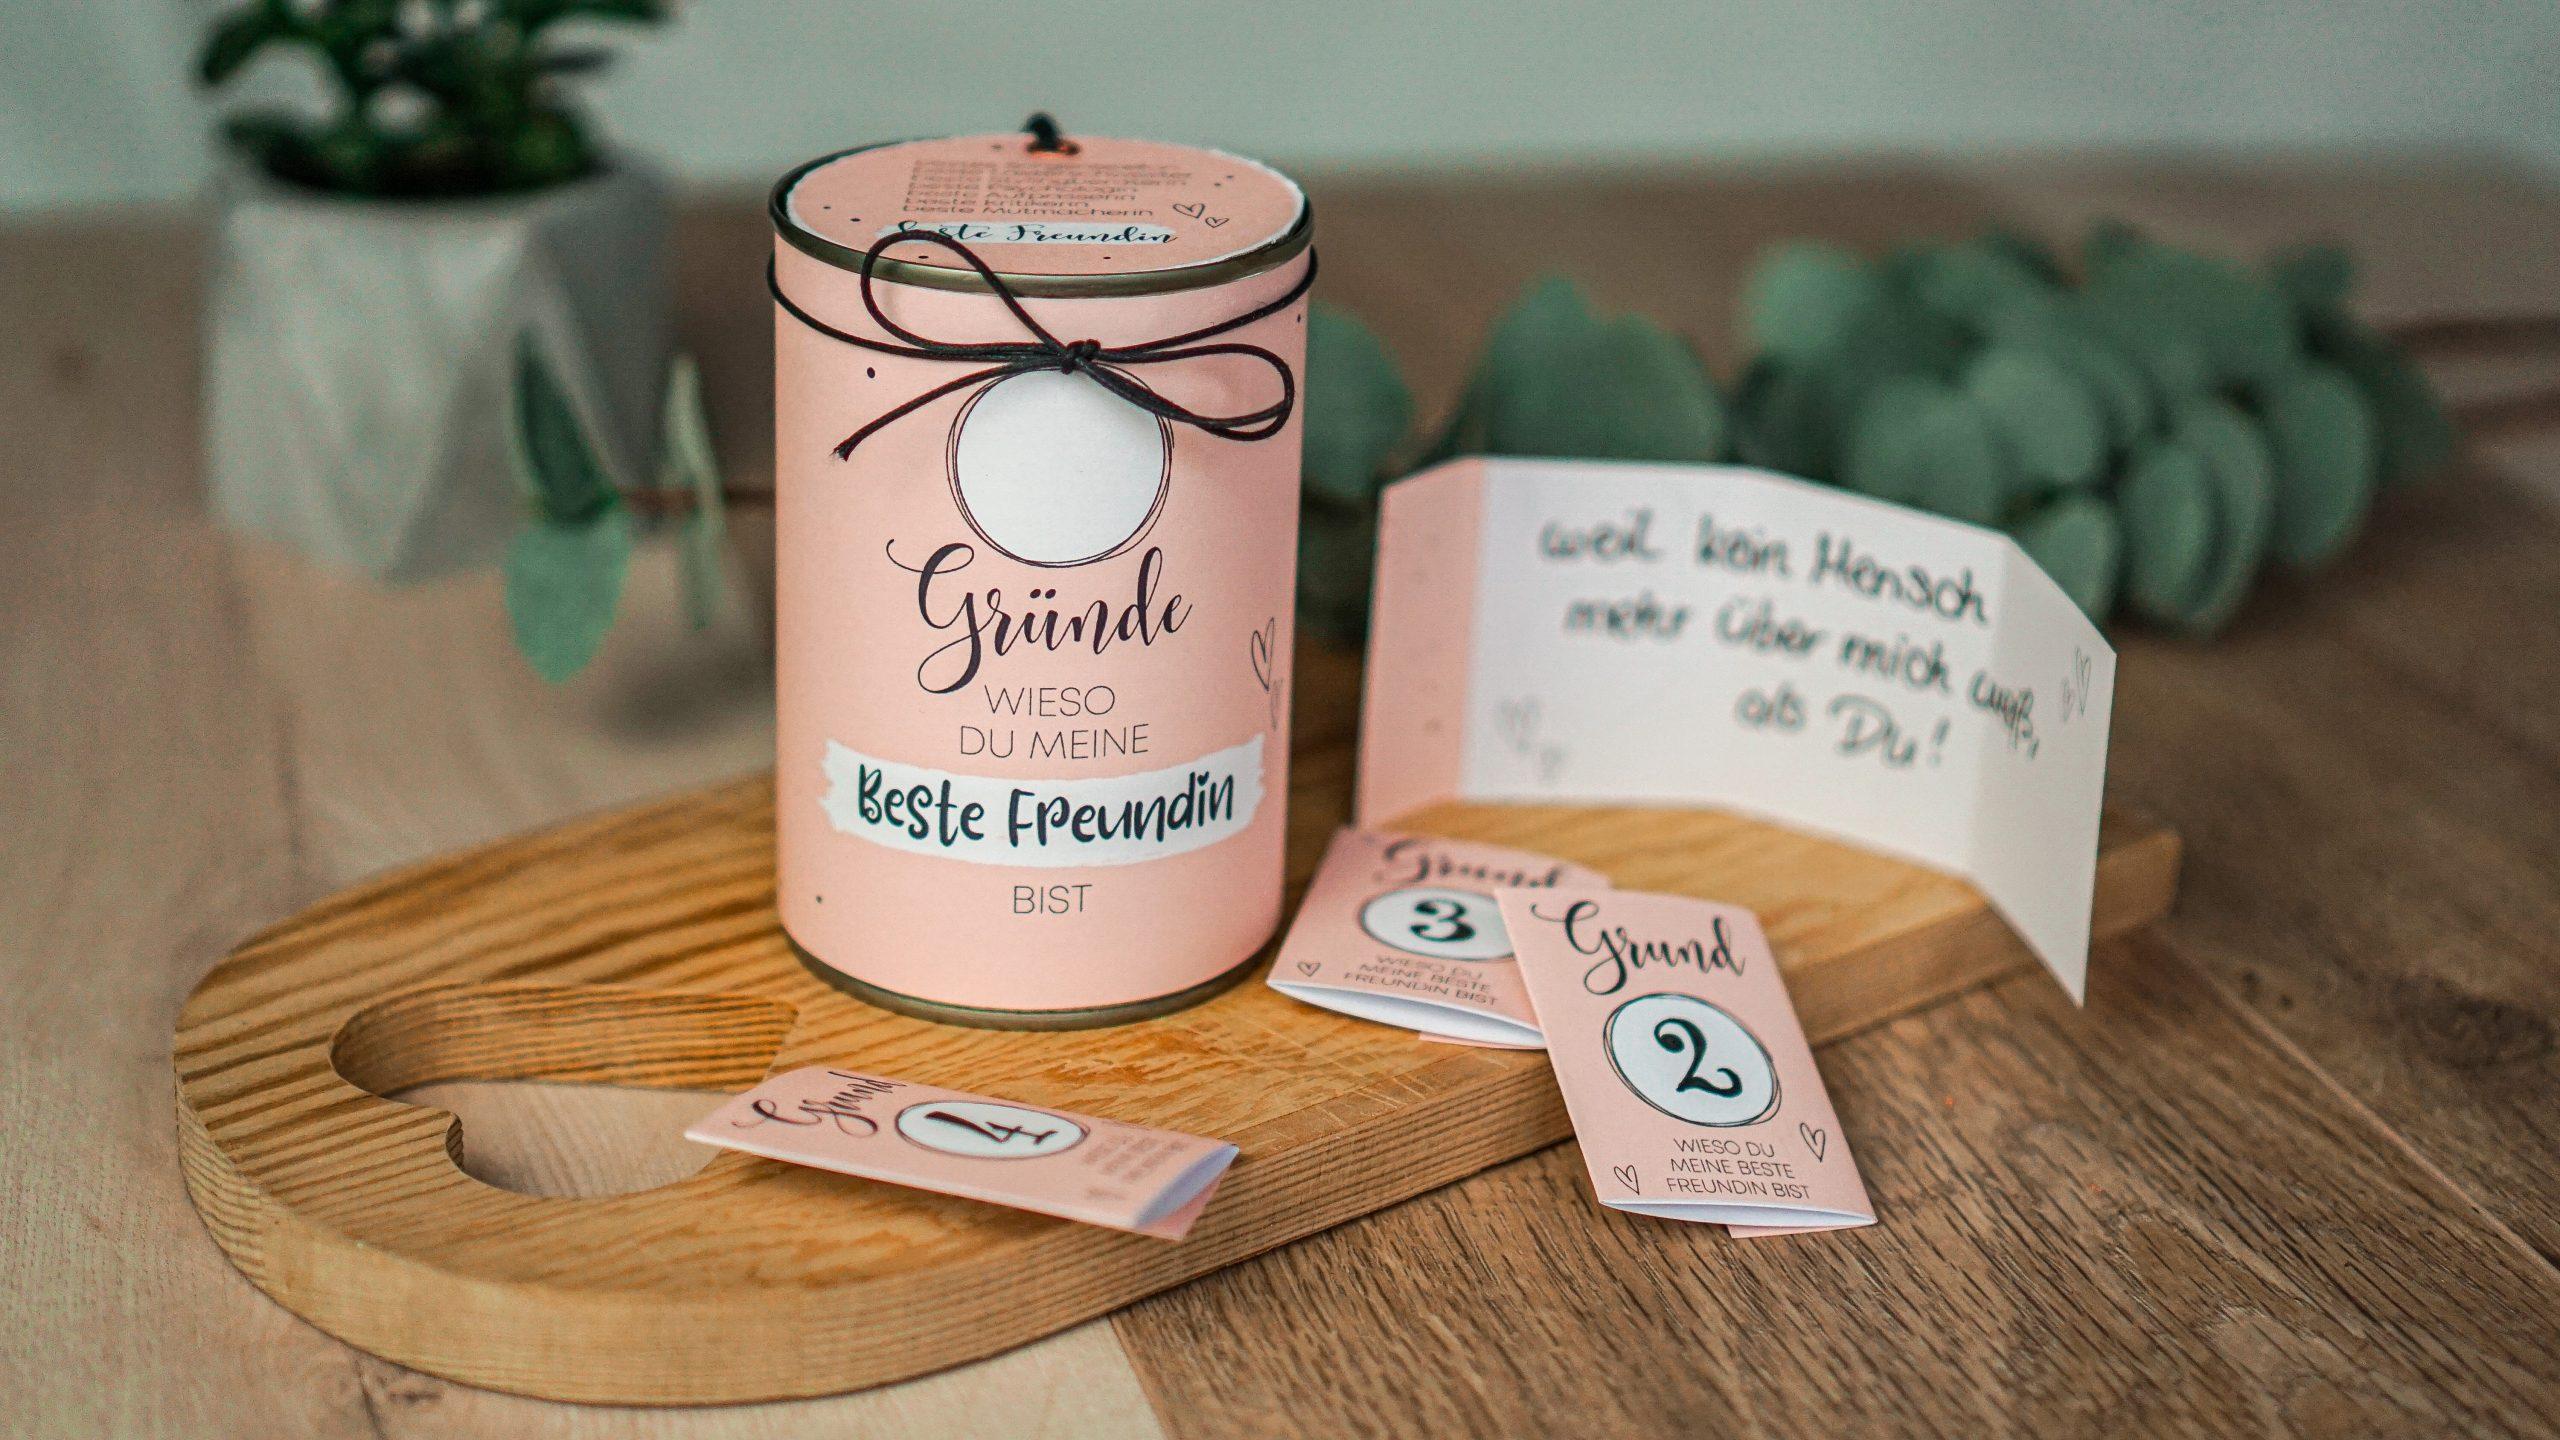 Upcycling geschenk aus alter Dose für beste Freundin